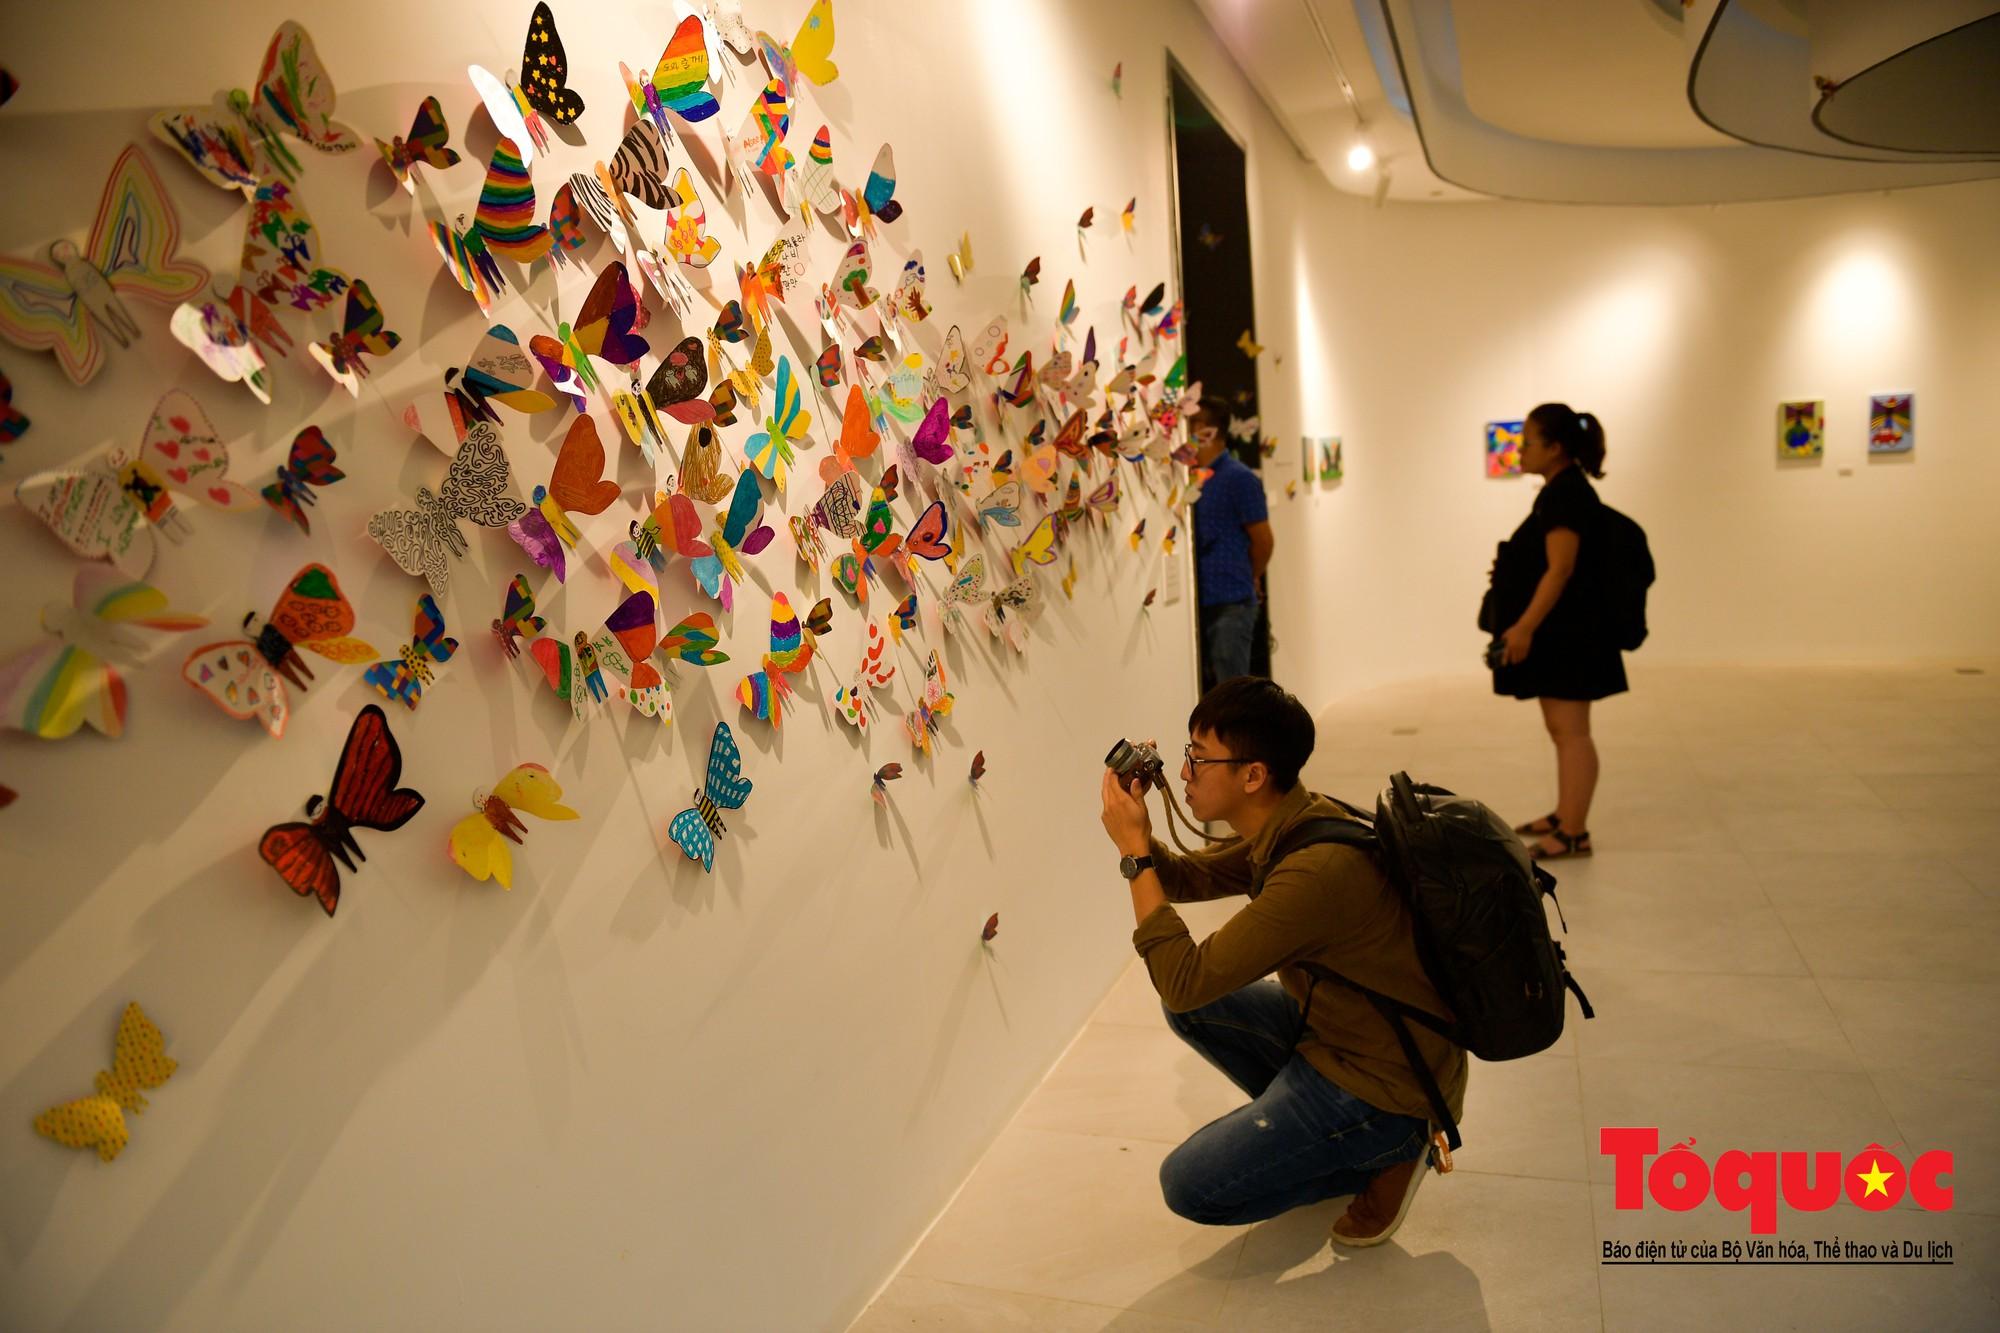 Hàng ngàn cánh bướm mang thông điệp hoà bình giữa lòng Hà Nội5